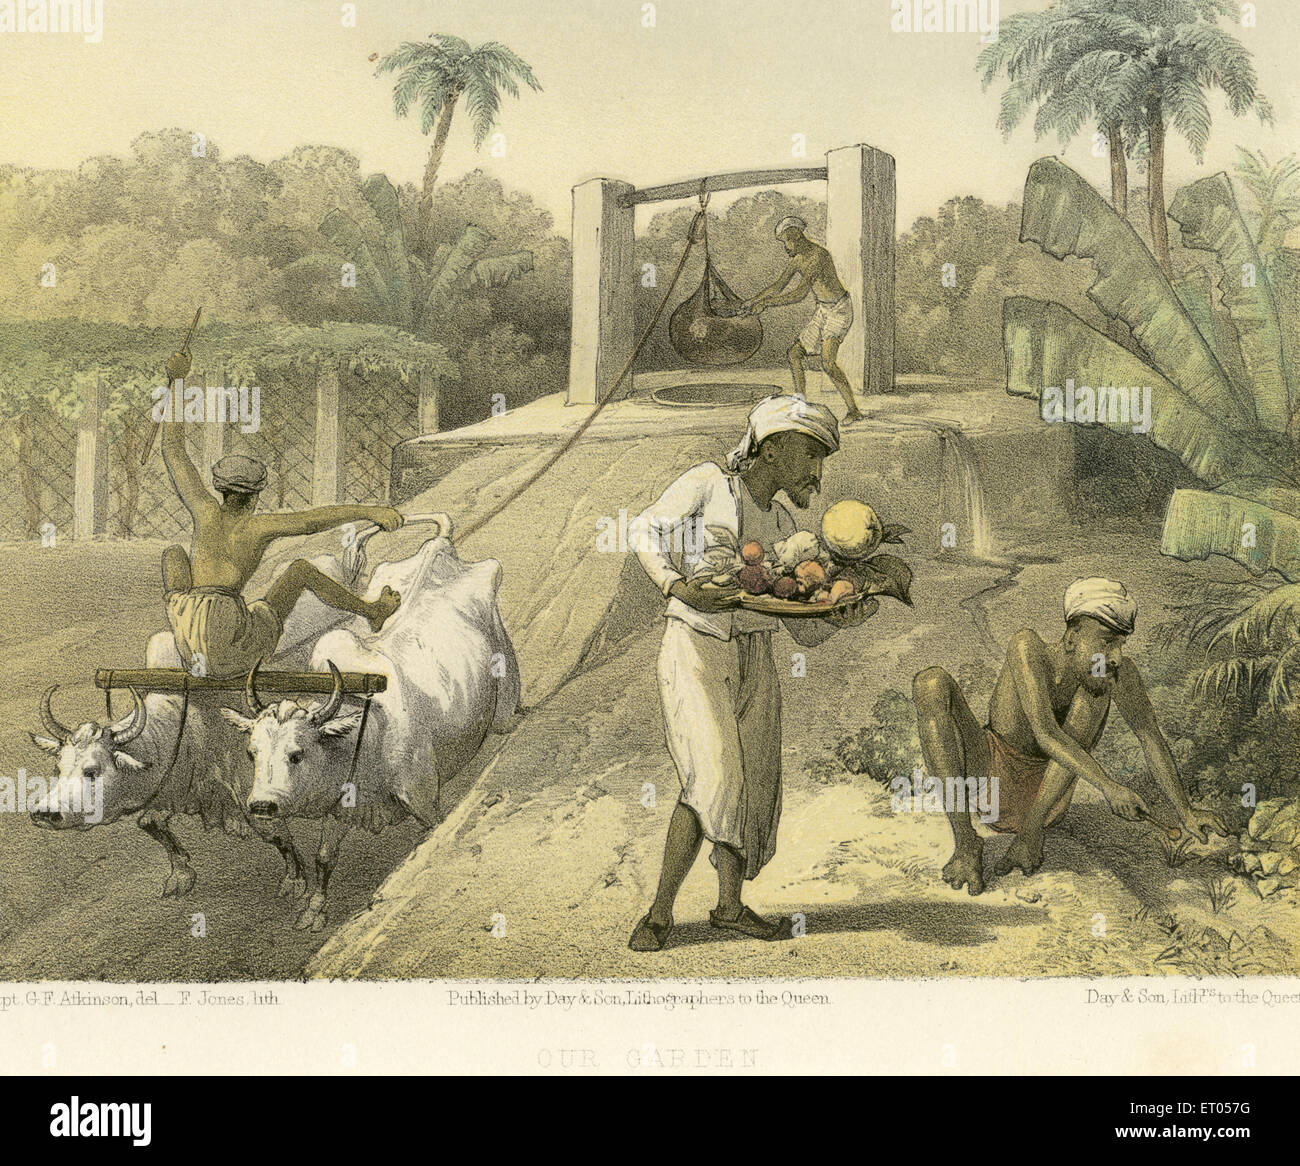 Koloniale indische Bilder; unserem Garten; Indien Stockbild